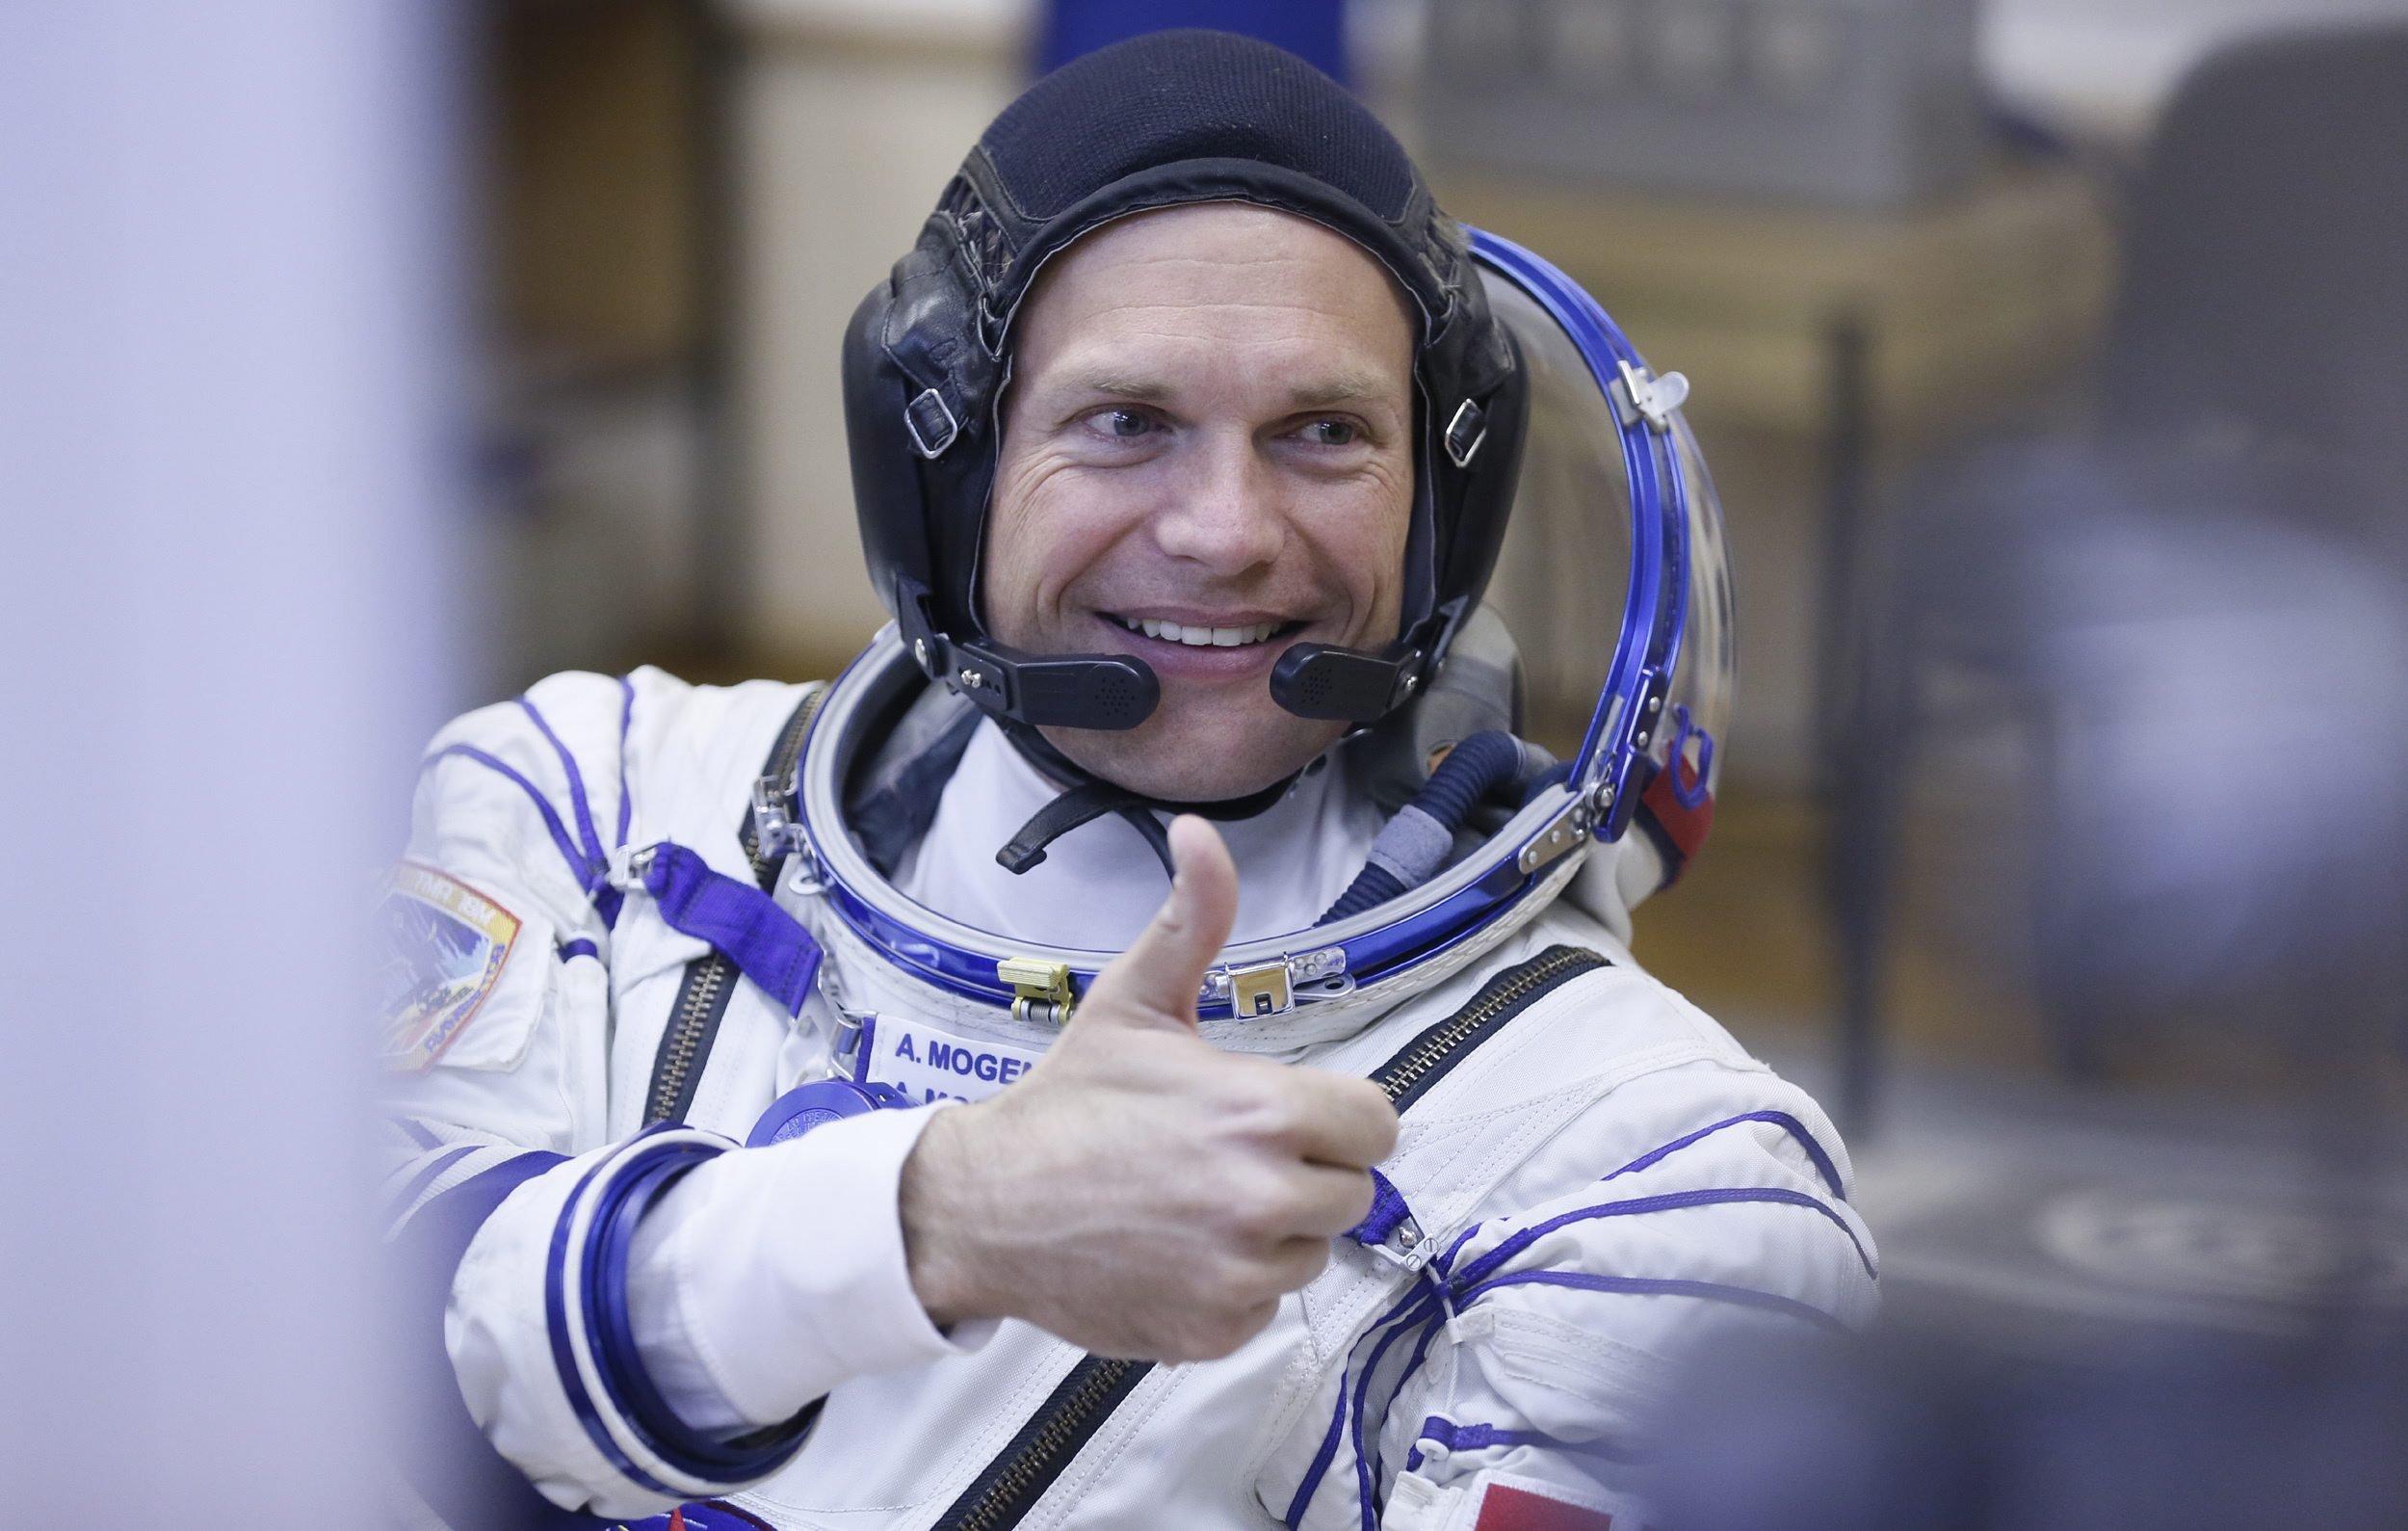 Der dänische Astronaut Andreas Mogensen vor seinem Start zur ISS am 2. September 2015. Er steuerte am Montag vom Weltraum aus den interaktiven Roboter Centaur auf der Erde.